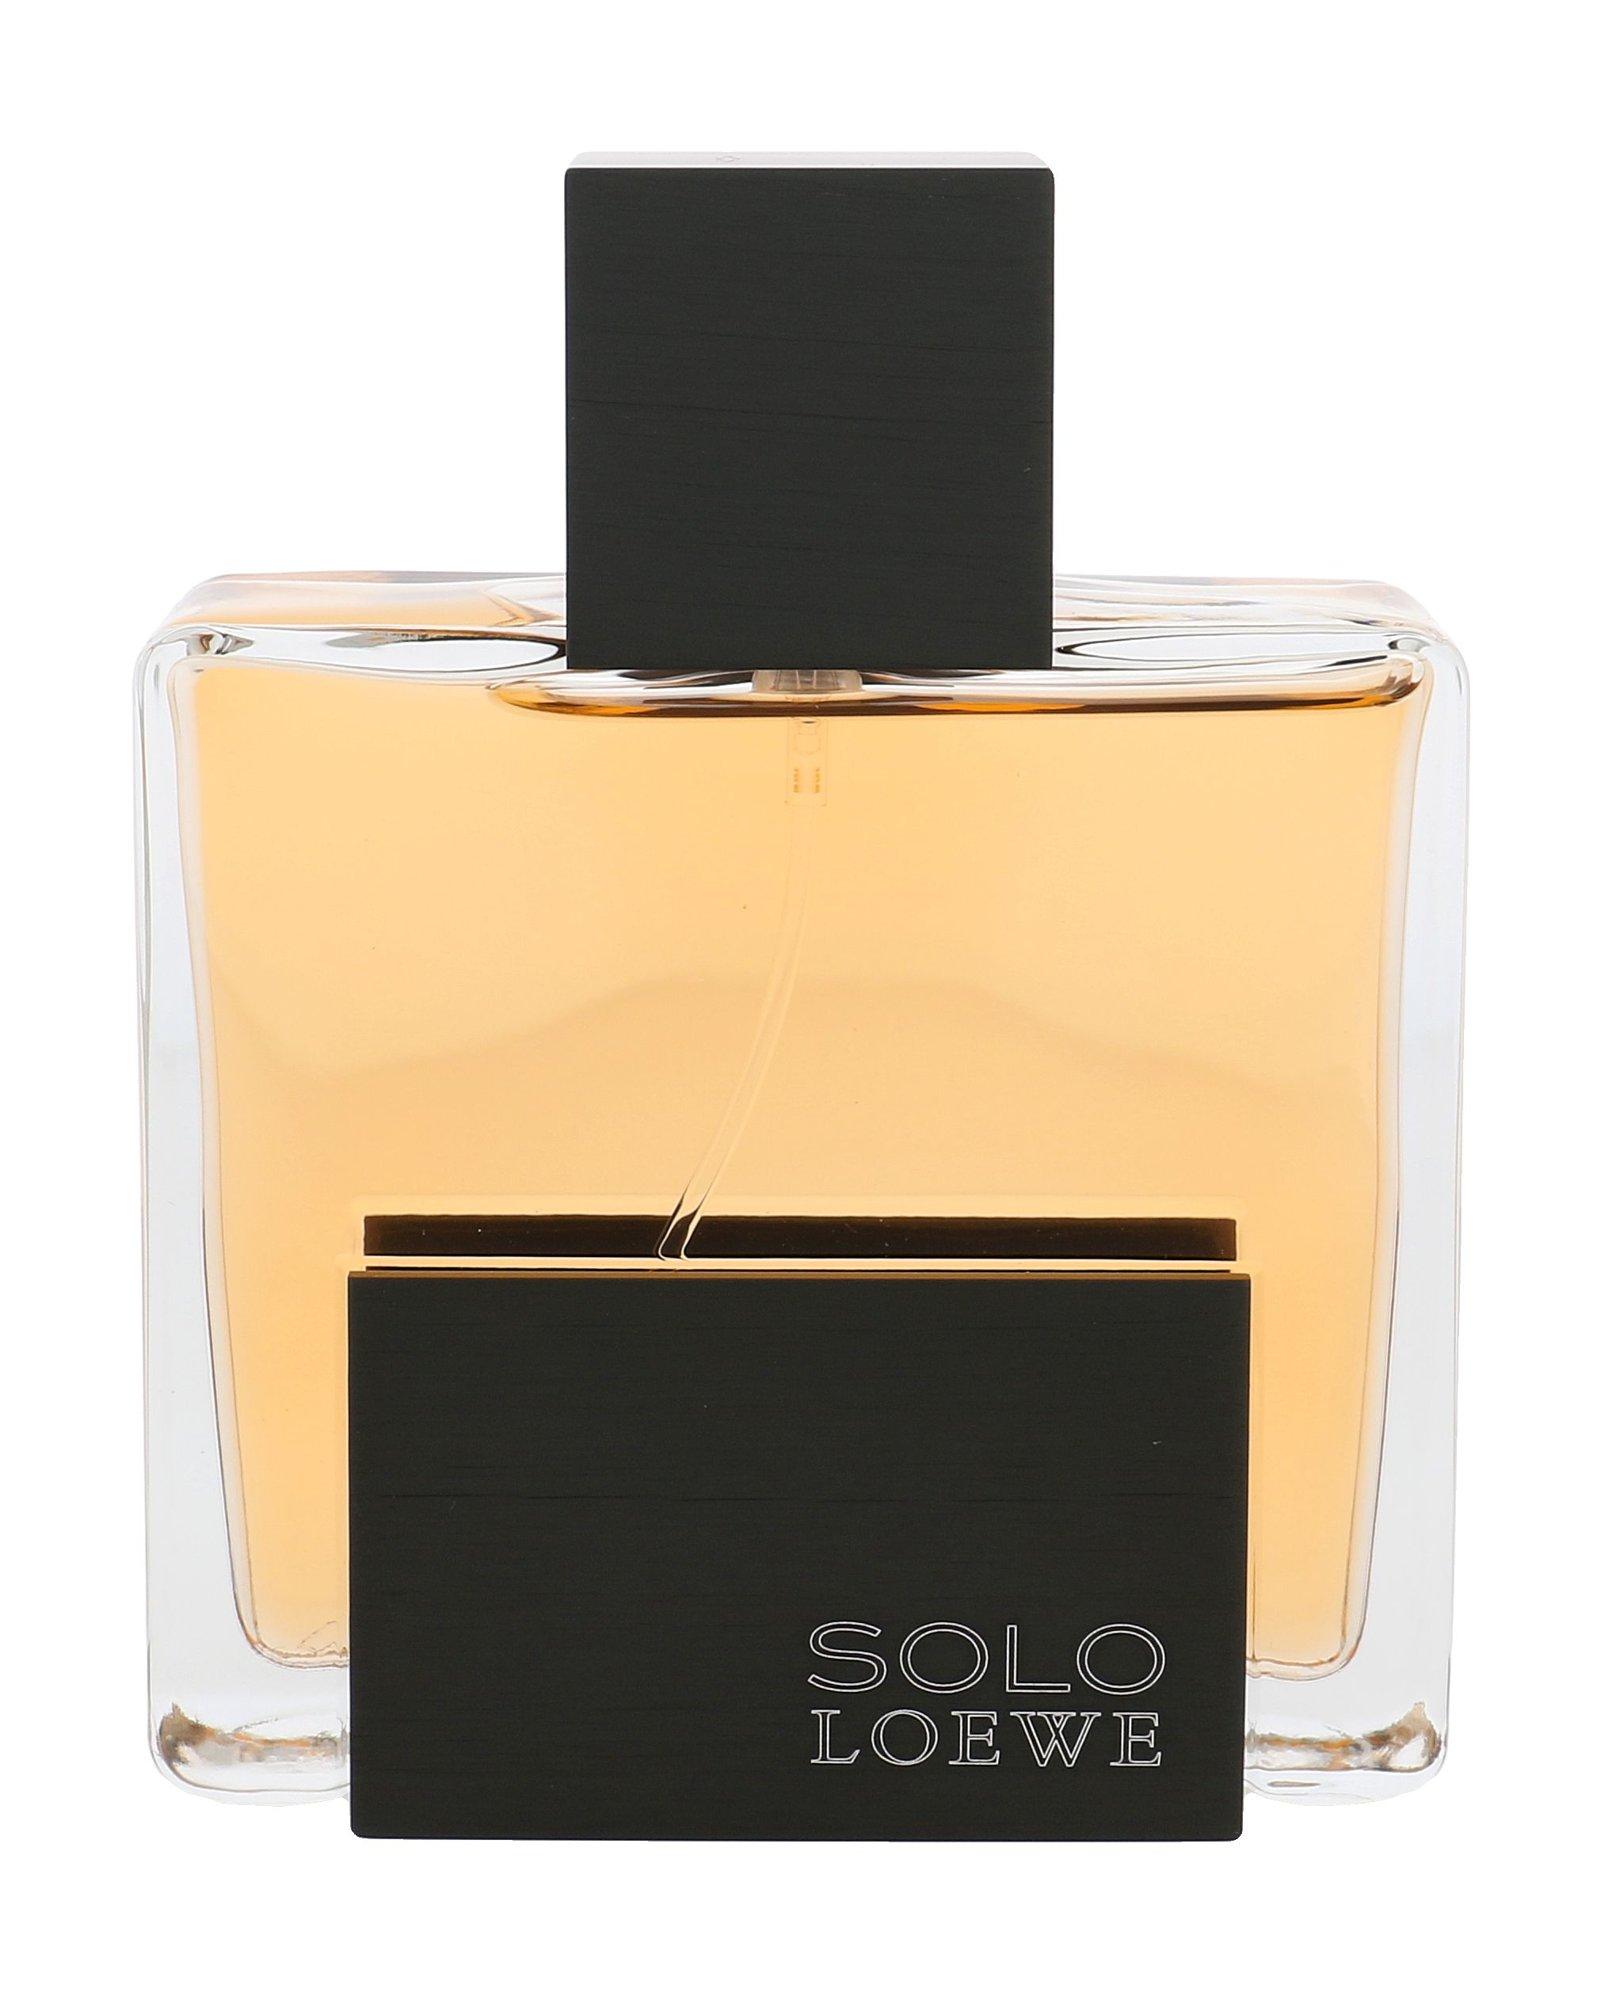 Loewe Solo Loewe EDT 75ml